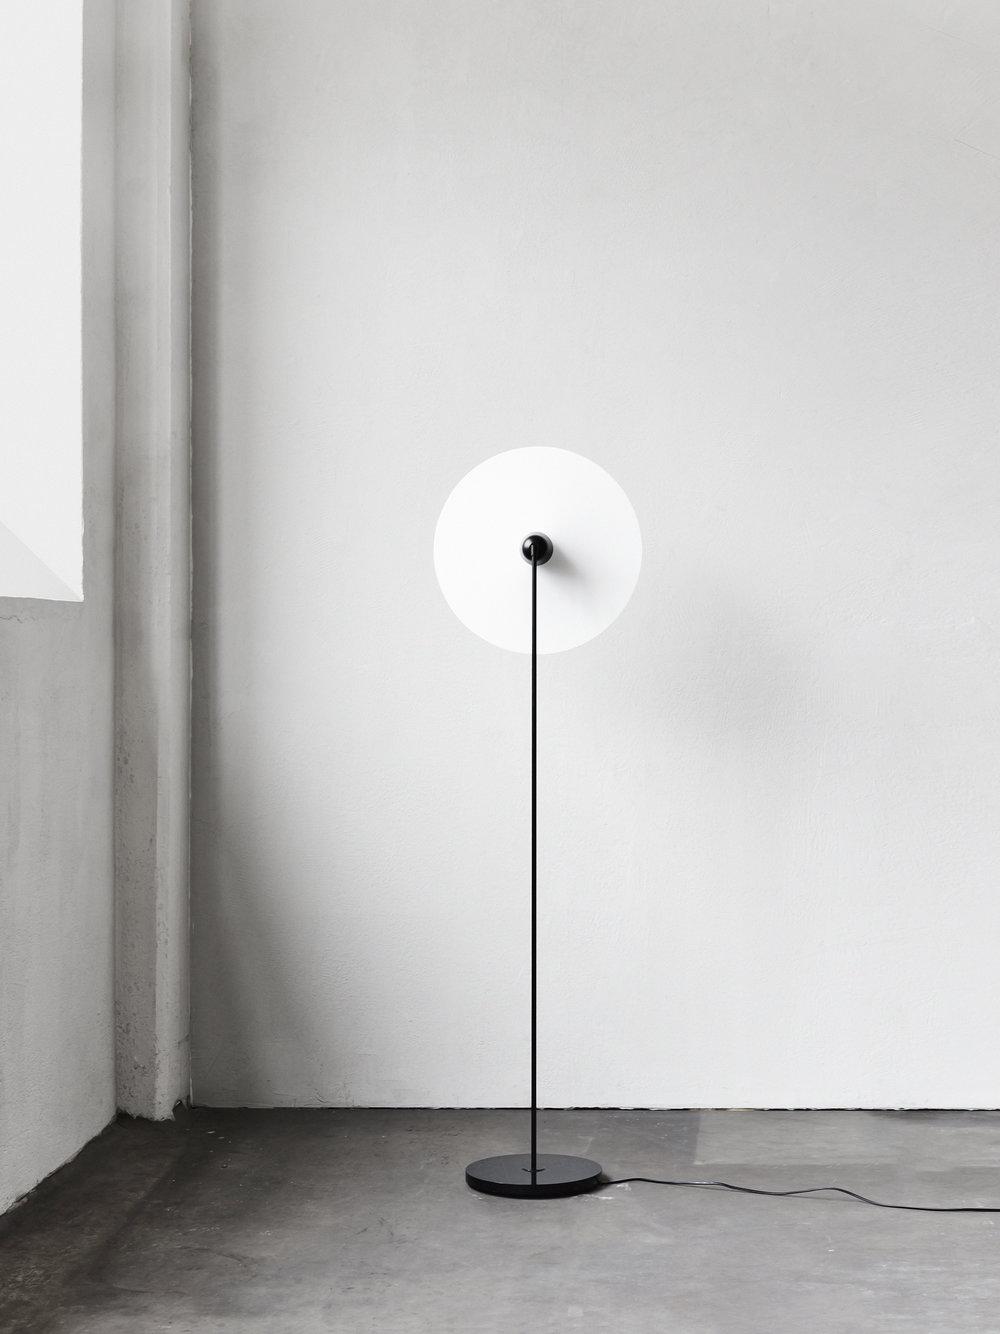 Kantarell by Falke Svatun 9